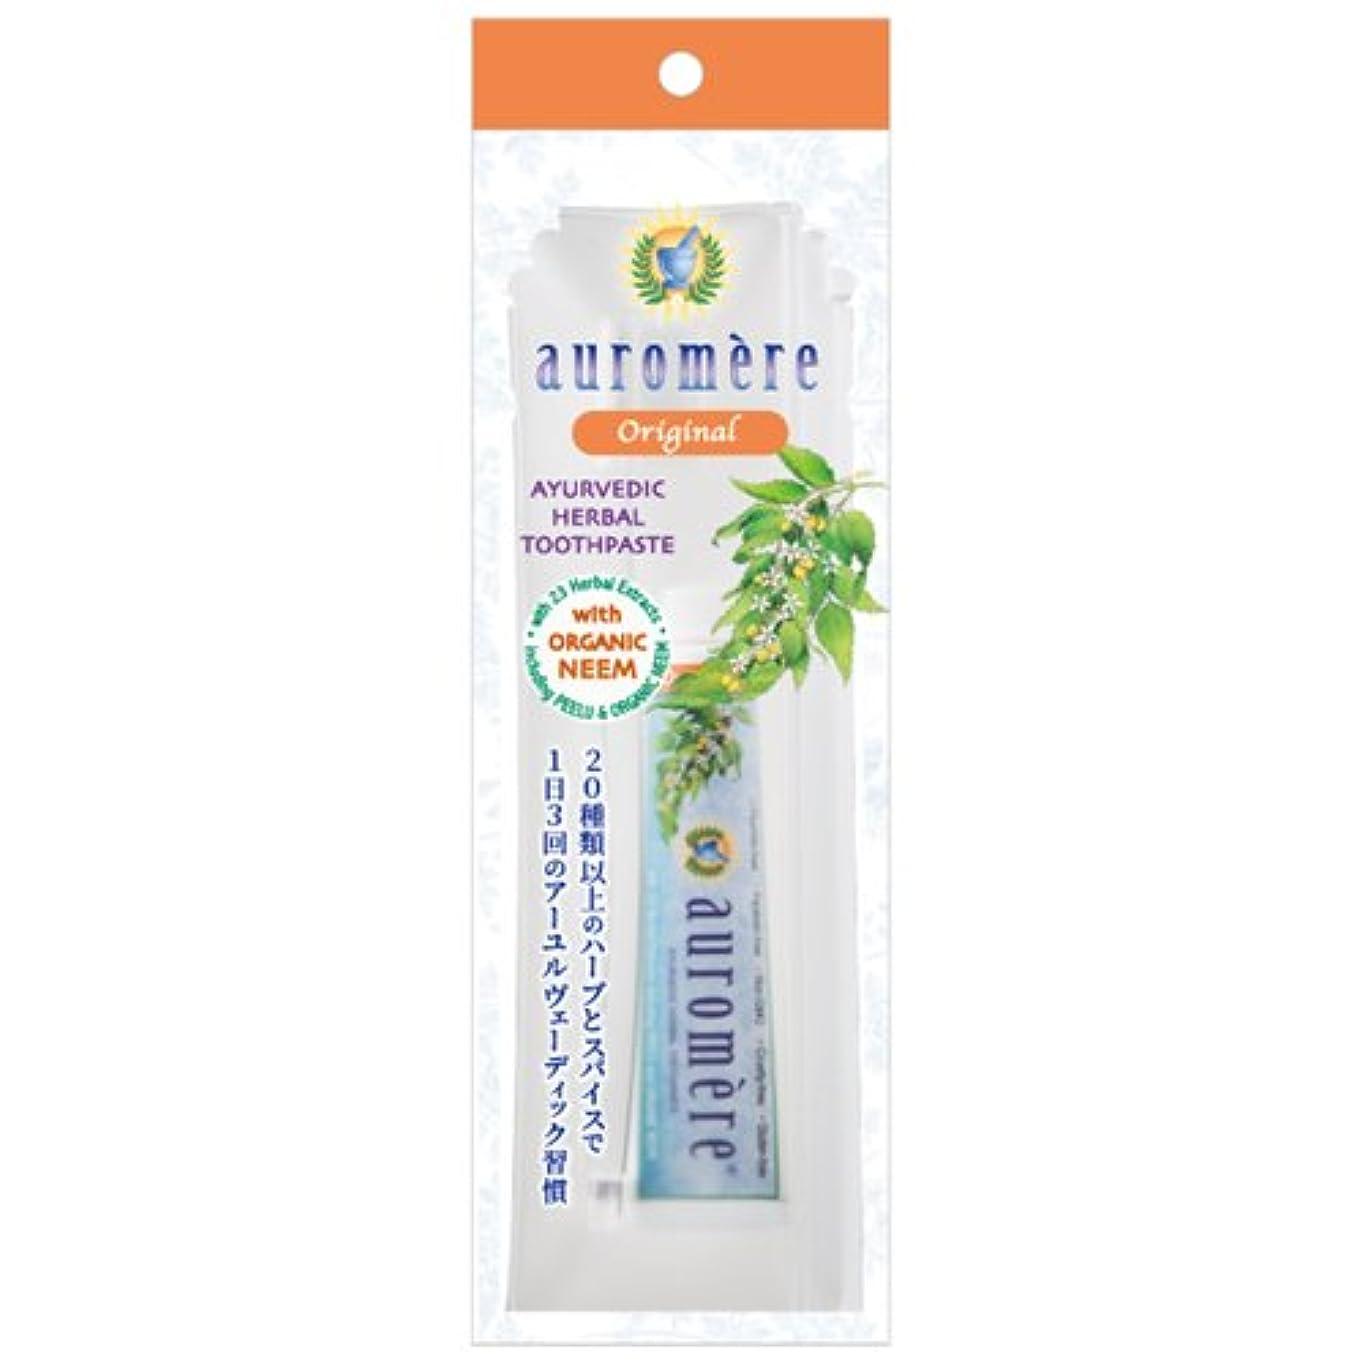 順応性のある抑圧ガラガラオーロメア 歯磨き粉 オリジナル トラベルセット (30g)